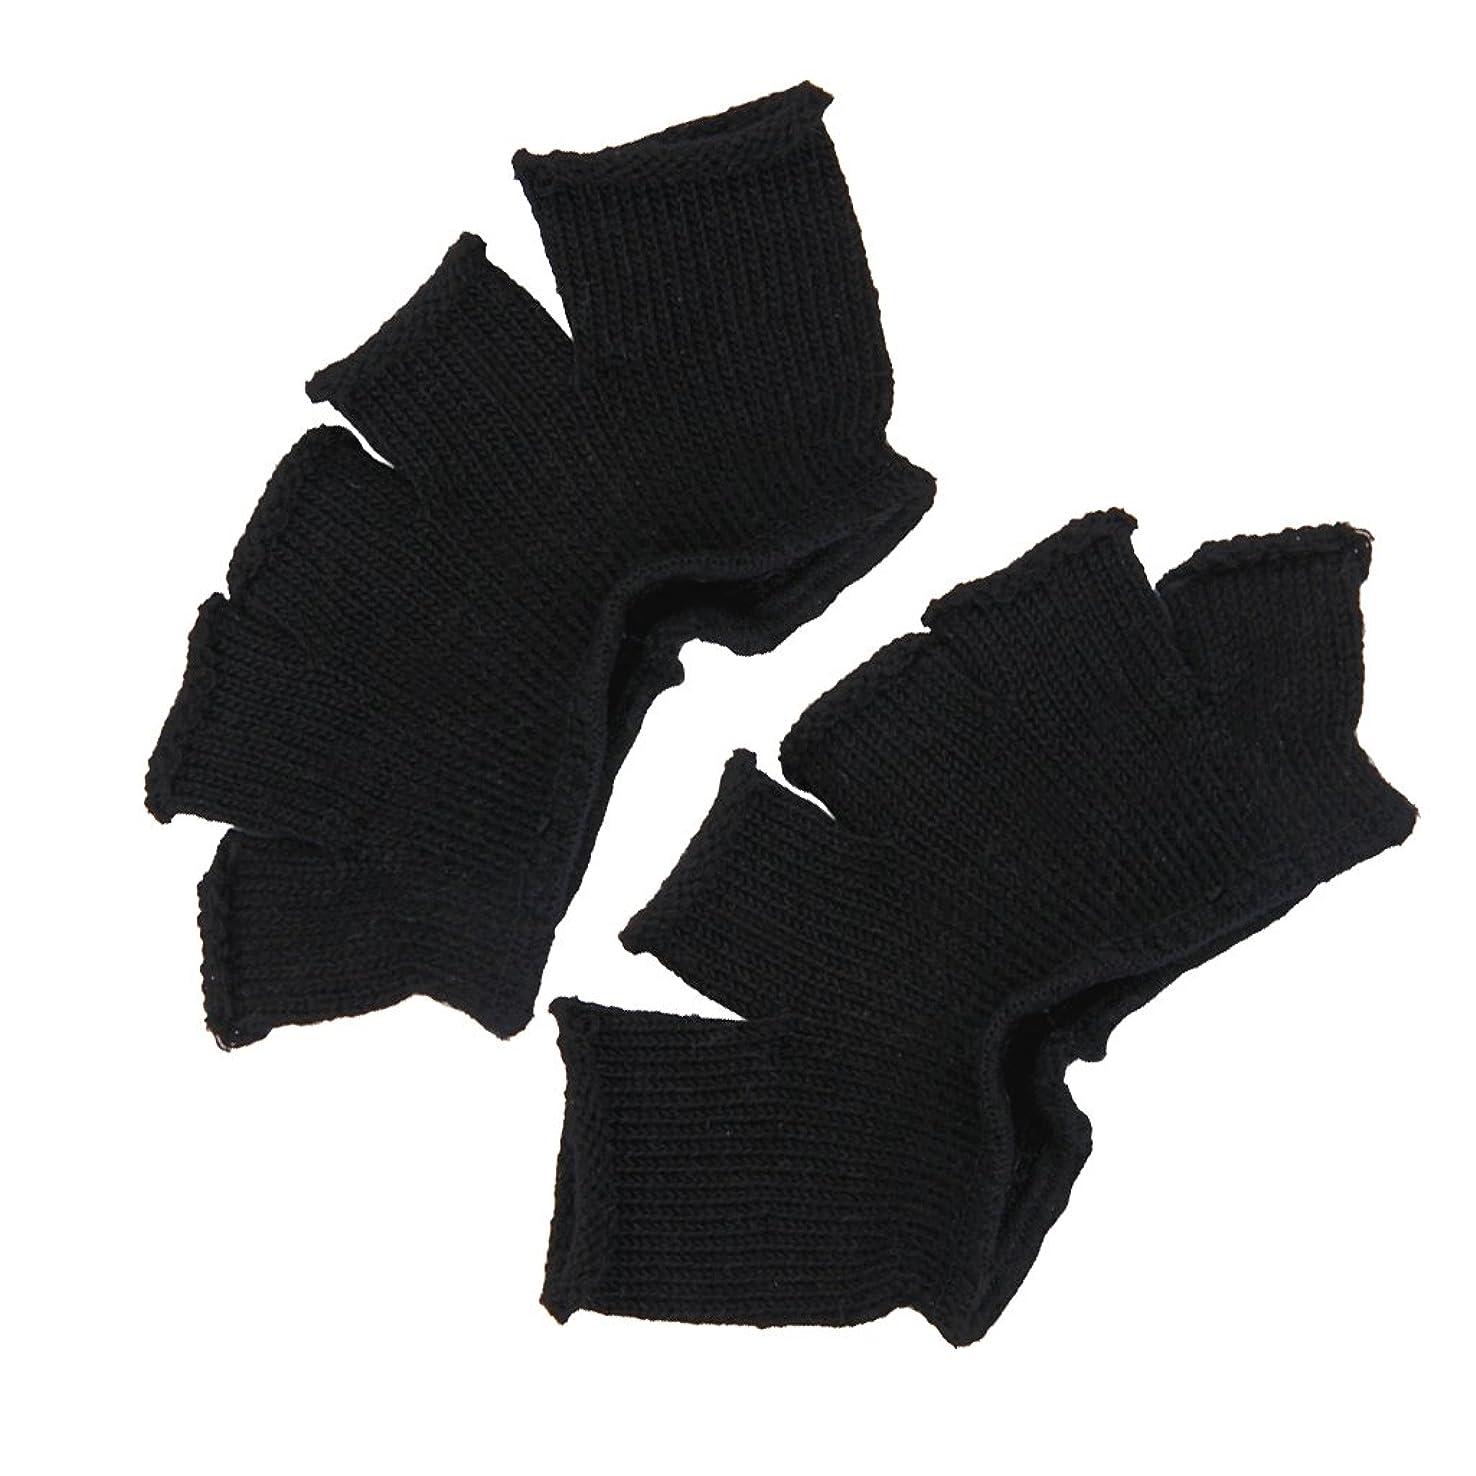 それ混乱した準備するFootful 5本指カバー 爽快指の間カバー 2枚組 男女兼用 足の臭い対策 抗菌 防臭 フットカバー (ブラック)